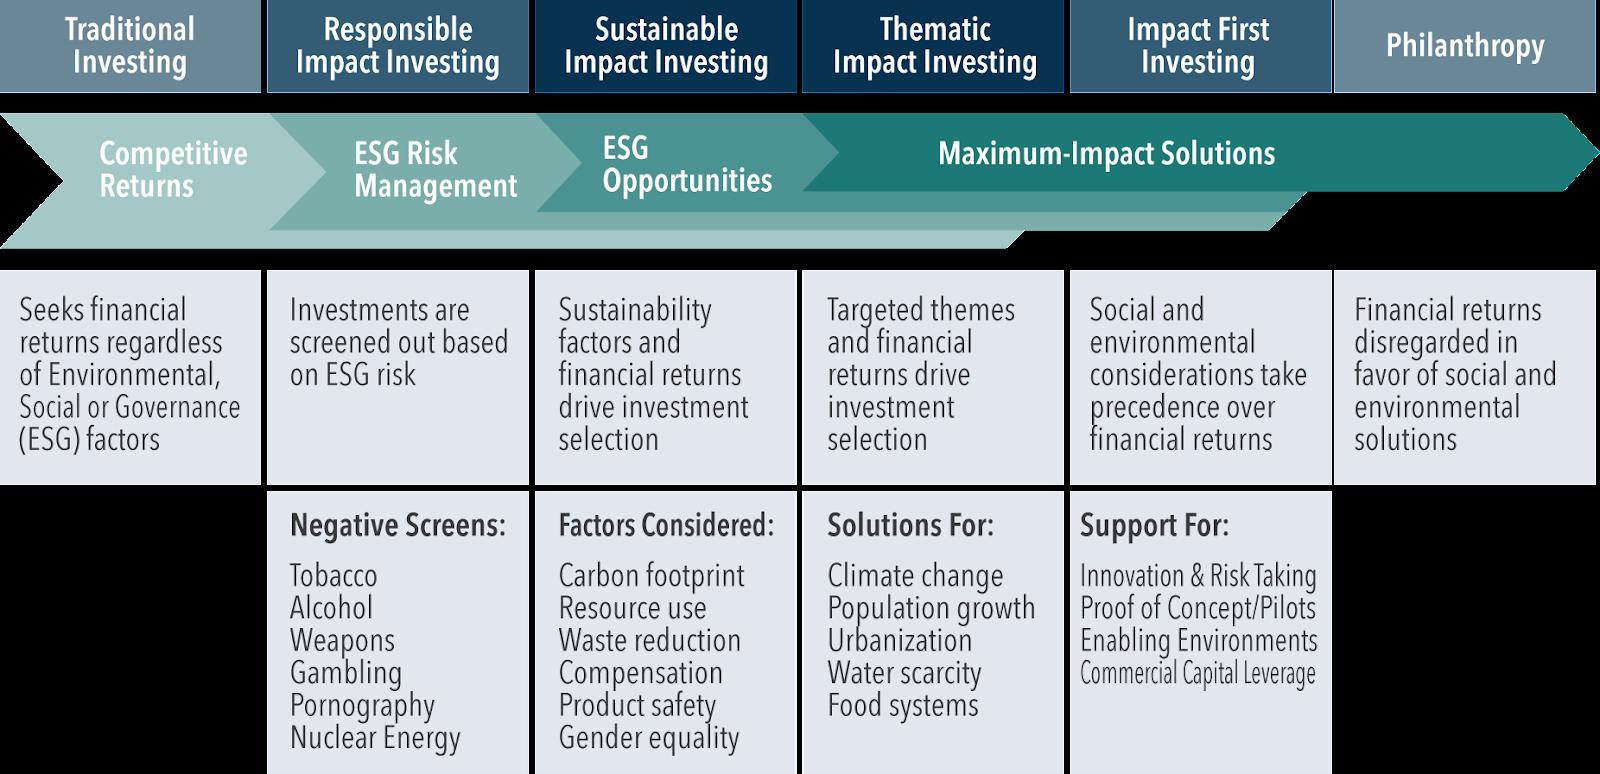 impact investing spectrum